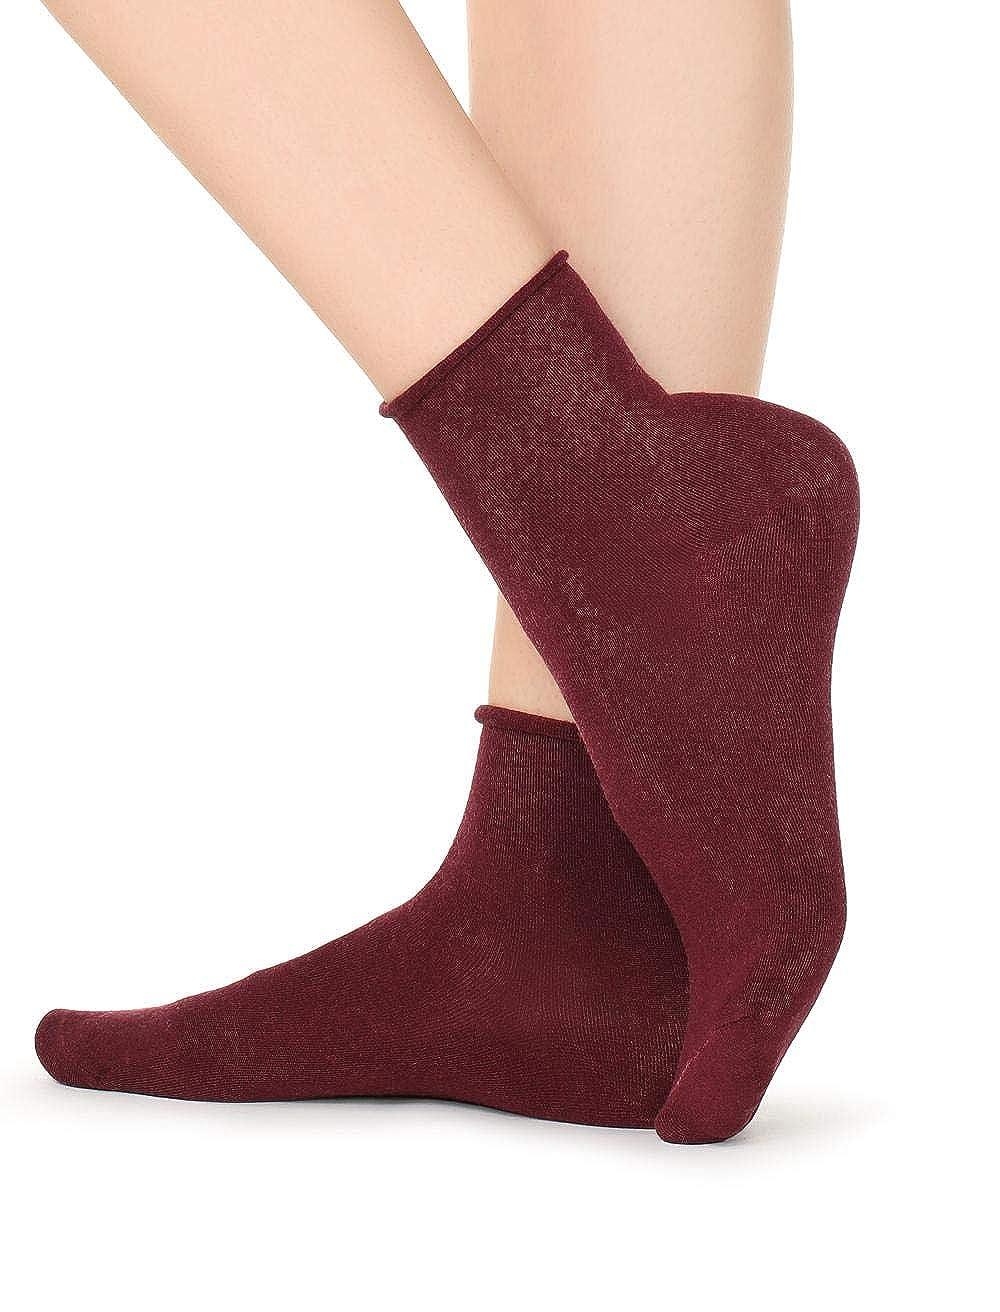 Calzedonia Damen Socke aus Kaschmir ohne Bündchen